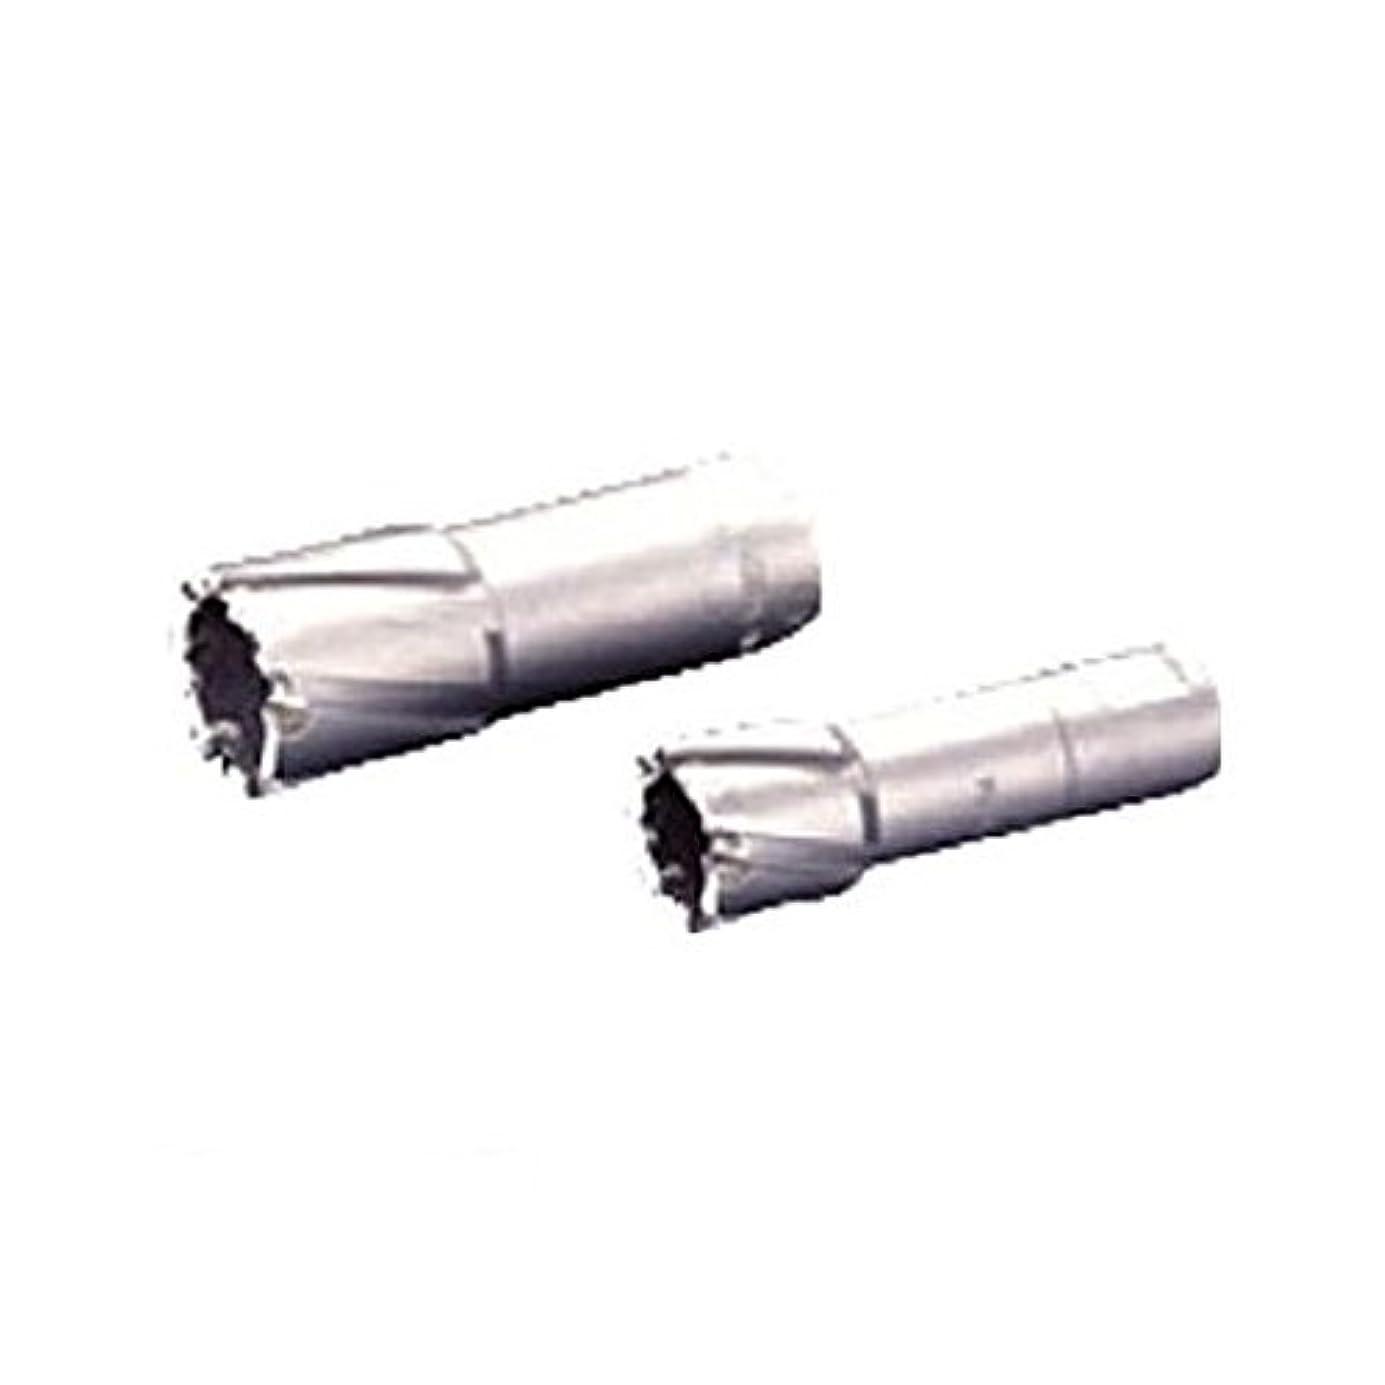 装備する自治的反抗GW23028 メタコアマックス50H日立用 18.0mm